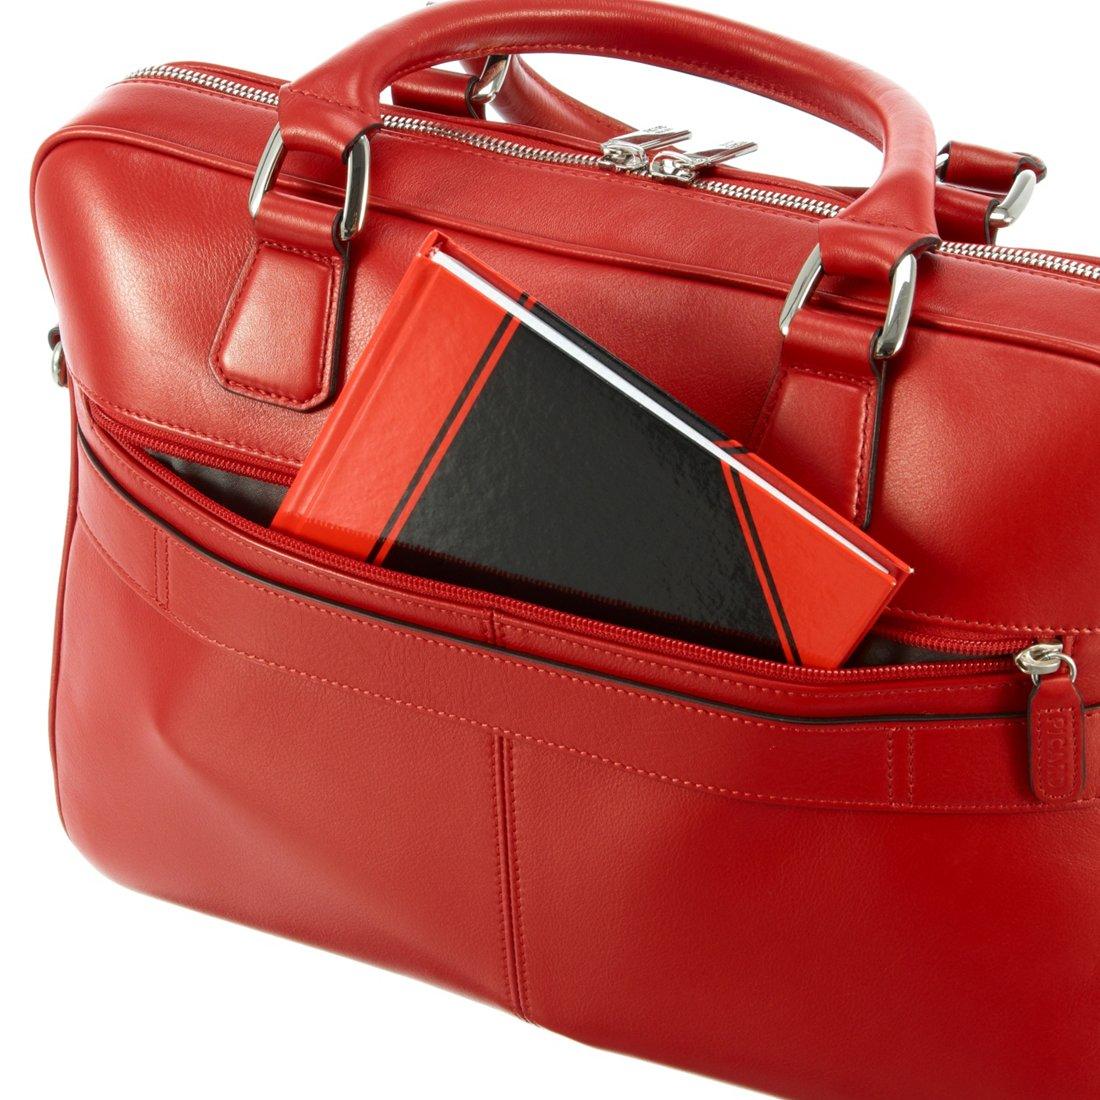 5615be40e2501 Picard Maggie Damen Aktentasche 36 cm - rot - koffer-direkt.de